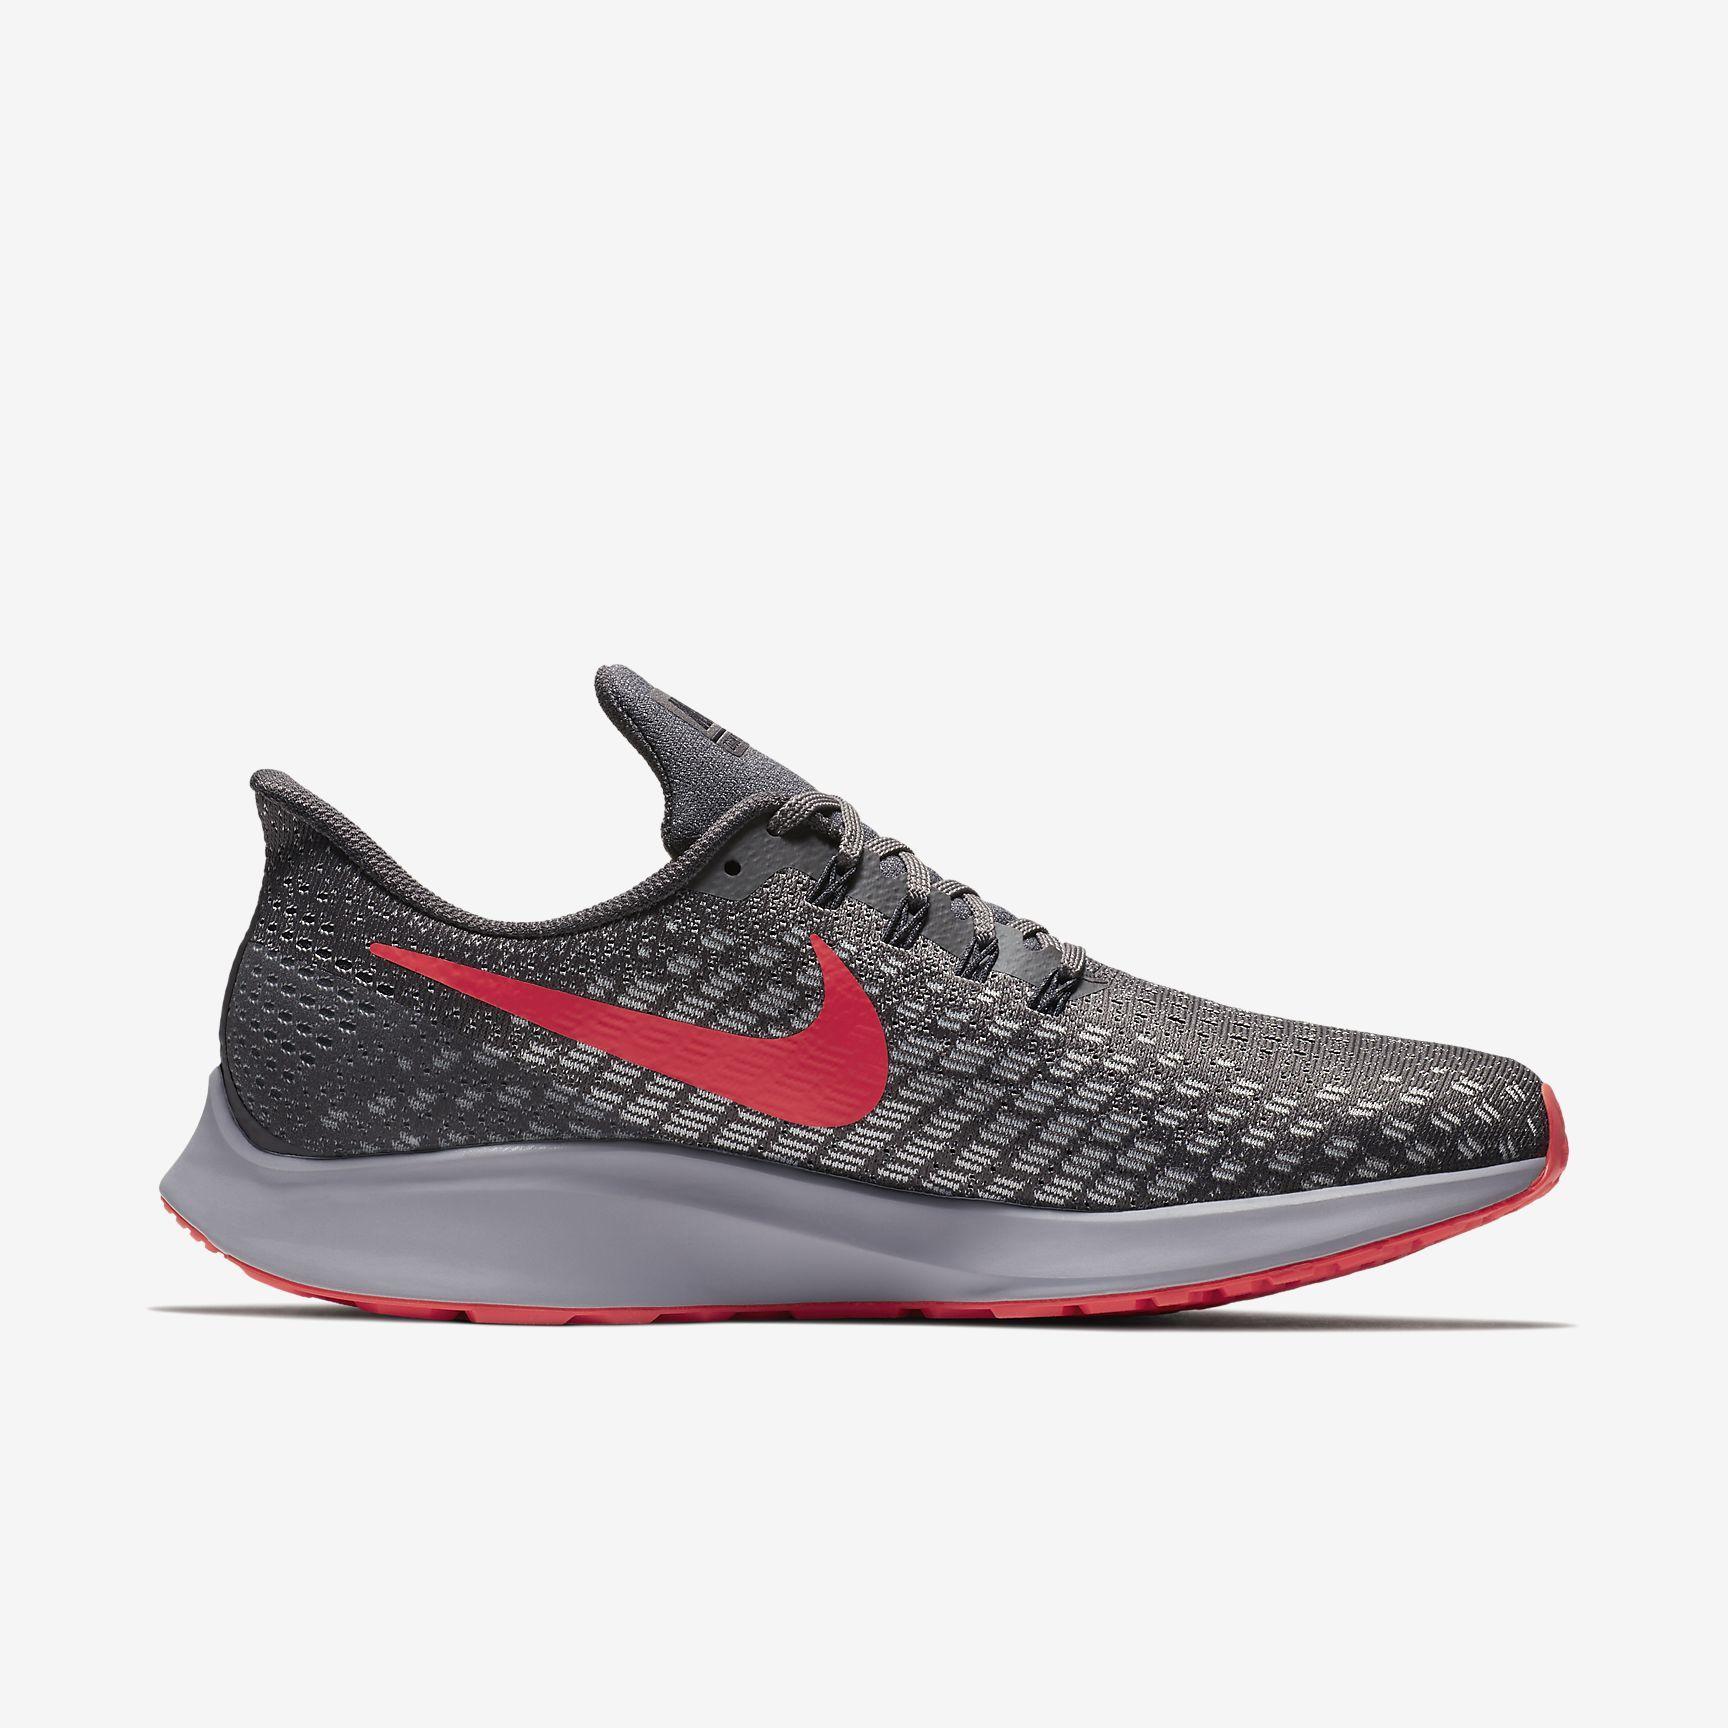 Nike Air Zoom Pegasus 35 in Thunder Grey Crimson